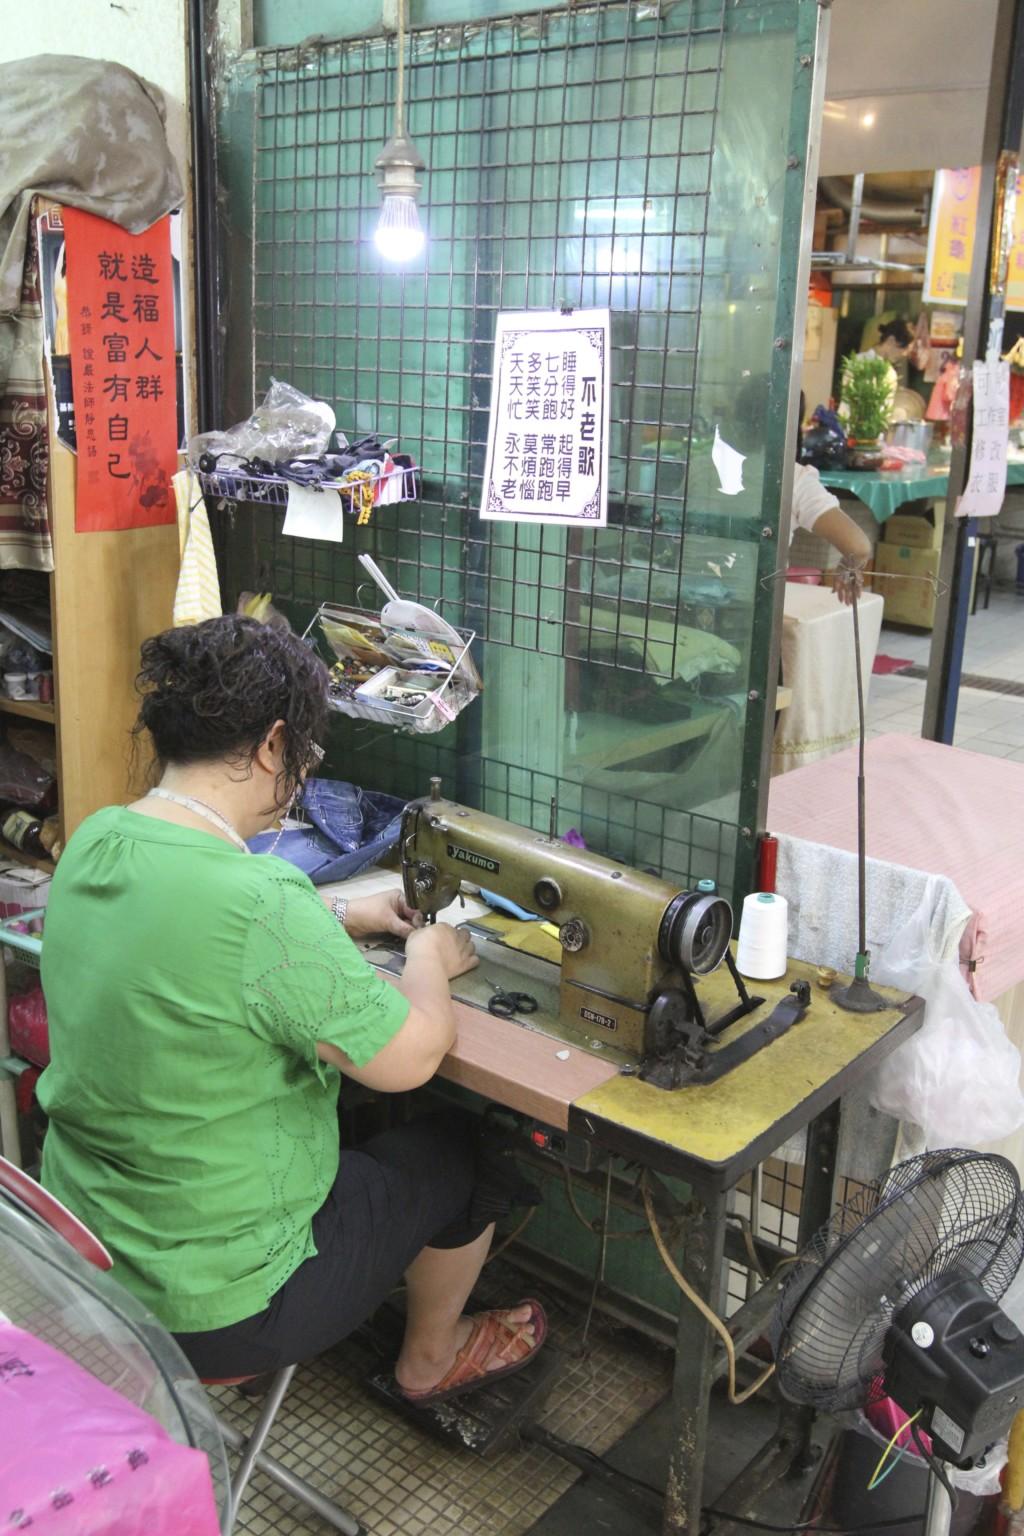 衣類の加工・縫製をするショップ